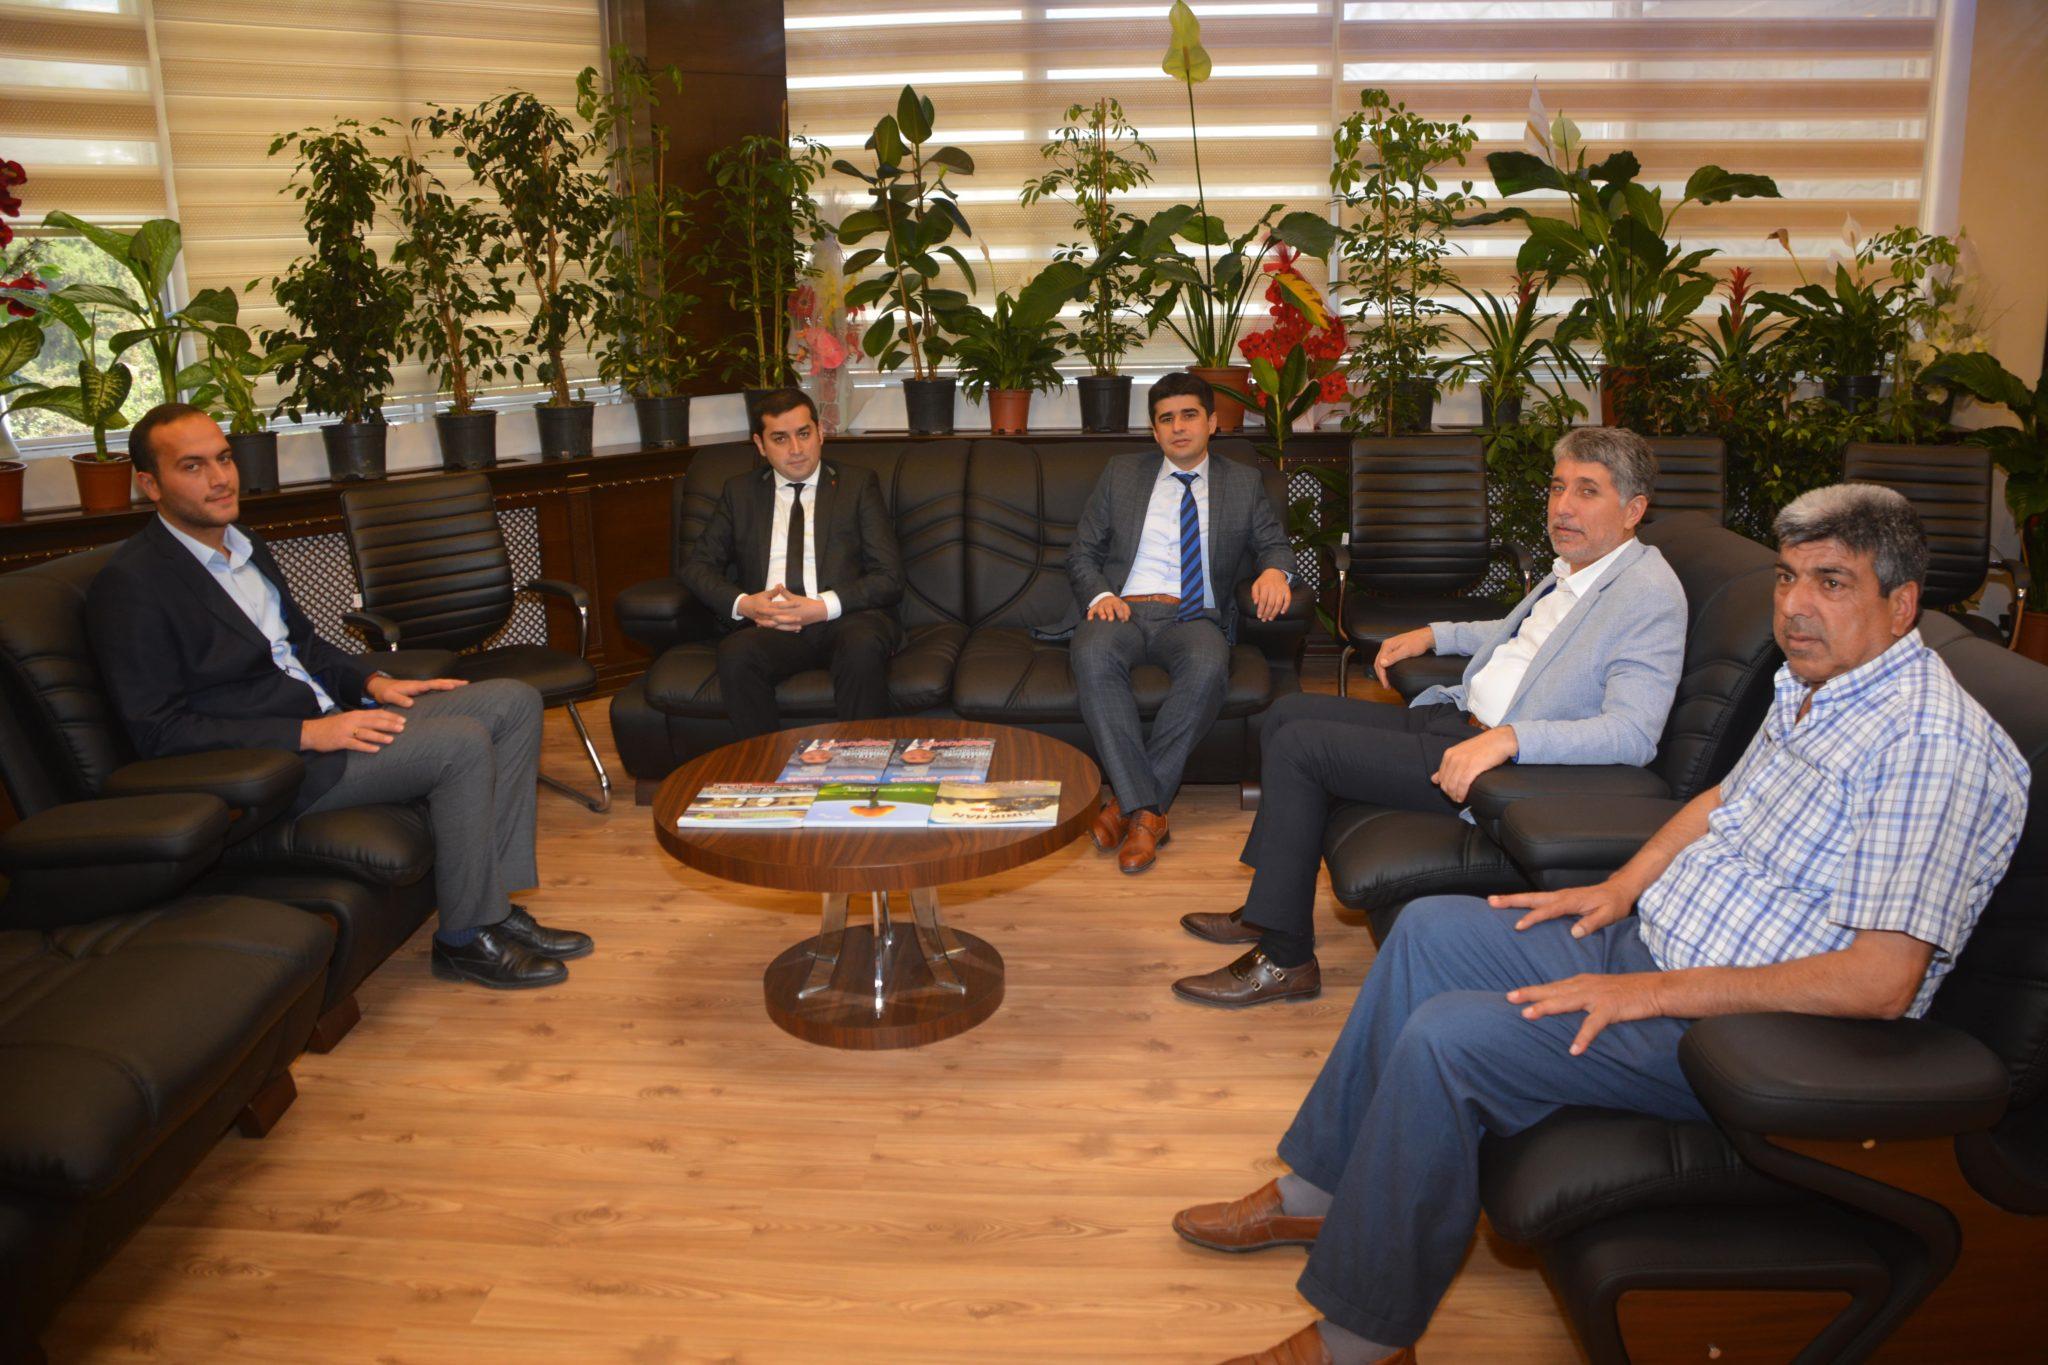 Kırıkhan Cumhuriyet Başsavcımız Sn. Atilla AKGÜN ve Ağır Ceza Hakimimiz Sn. Murat SARIKAYA bizlere nezaket ziyaretinde bulundular.